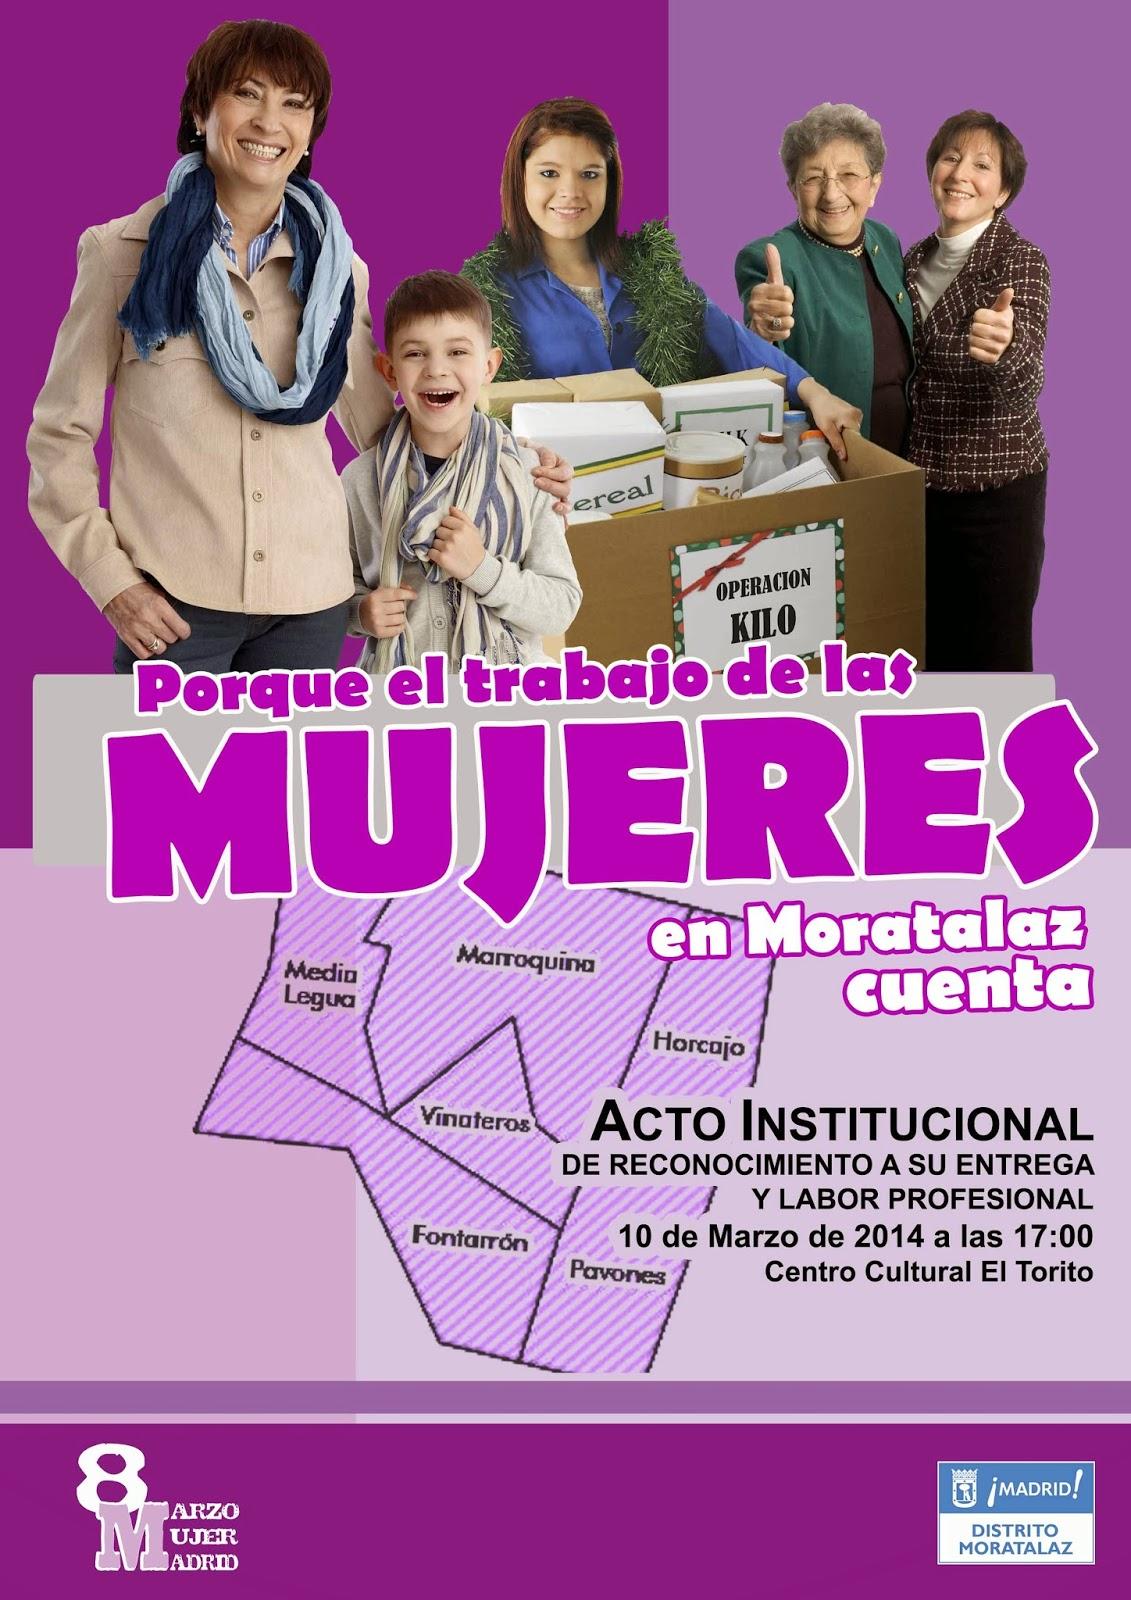 Cartel del acto de reconocimiento las mujeres de Moratalaz.